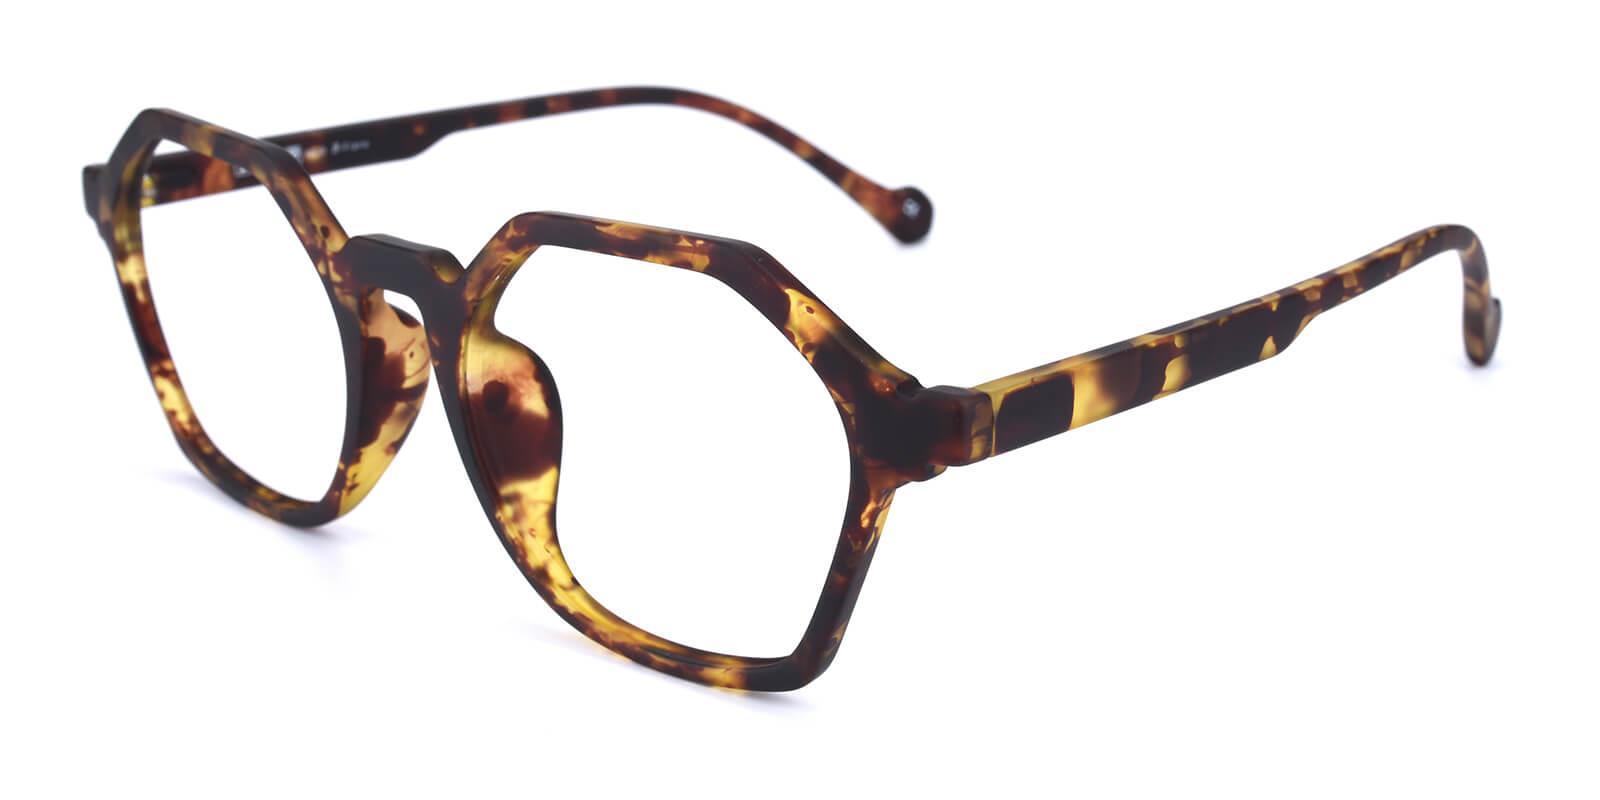 Mabuli-Tortoise-Geometric-TR-Eyeglasses-detail